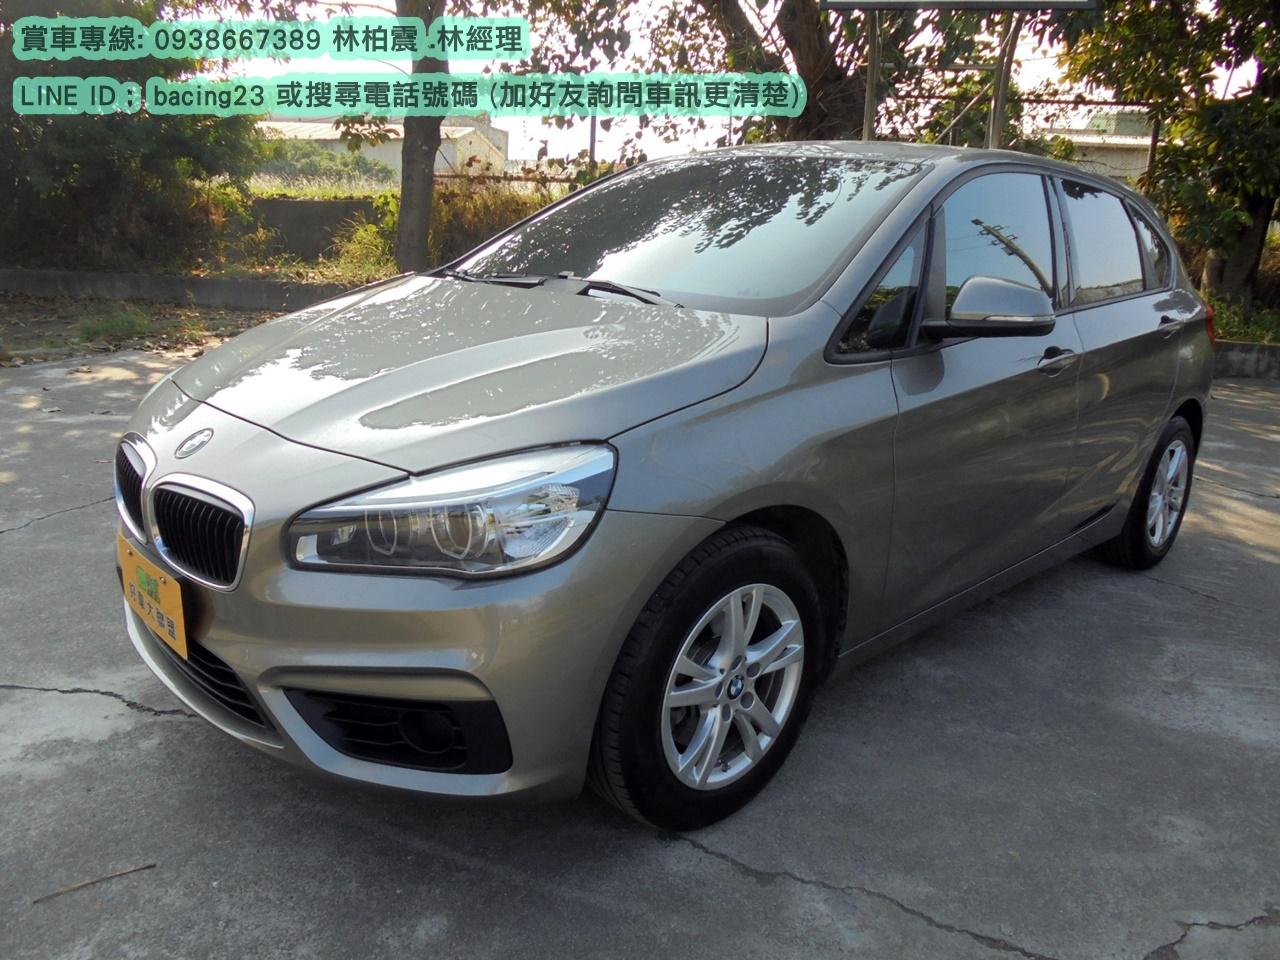 2014 BMW 寶馬 2-series